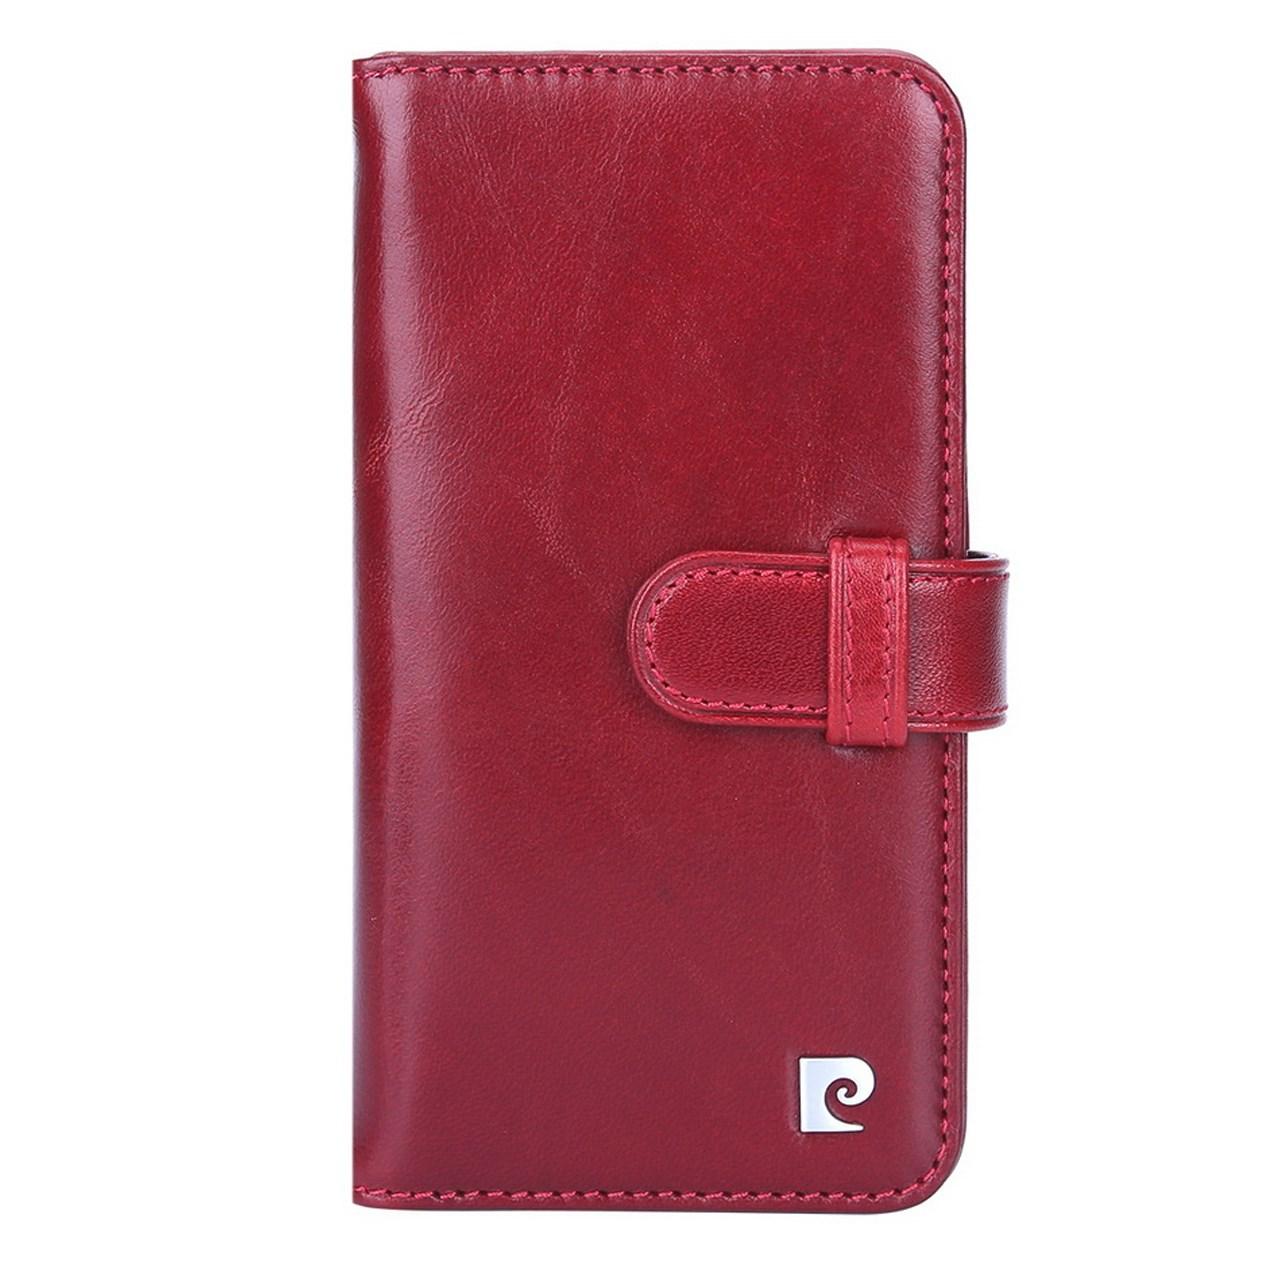 کیف پول پیرکاردین مدل PCL-P09 مناسب برای گوشی آیفون 6 / 6s